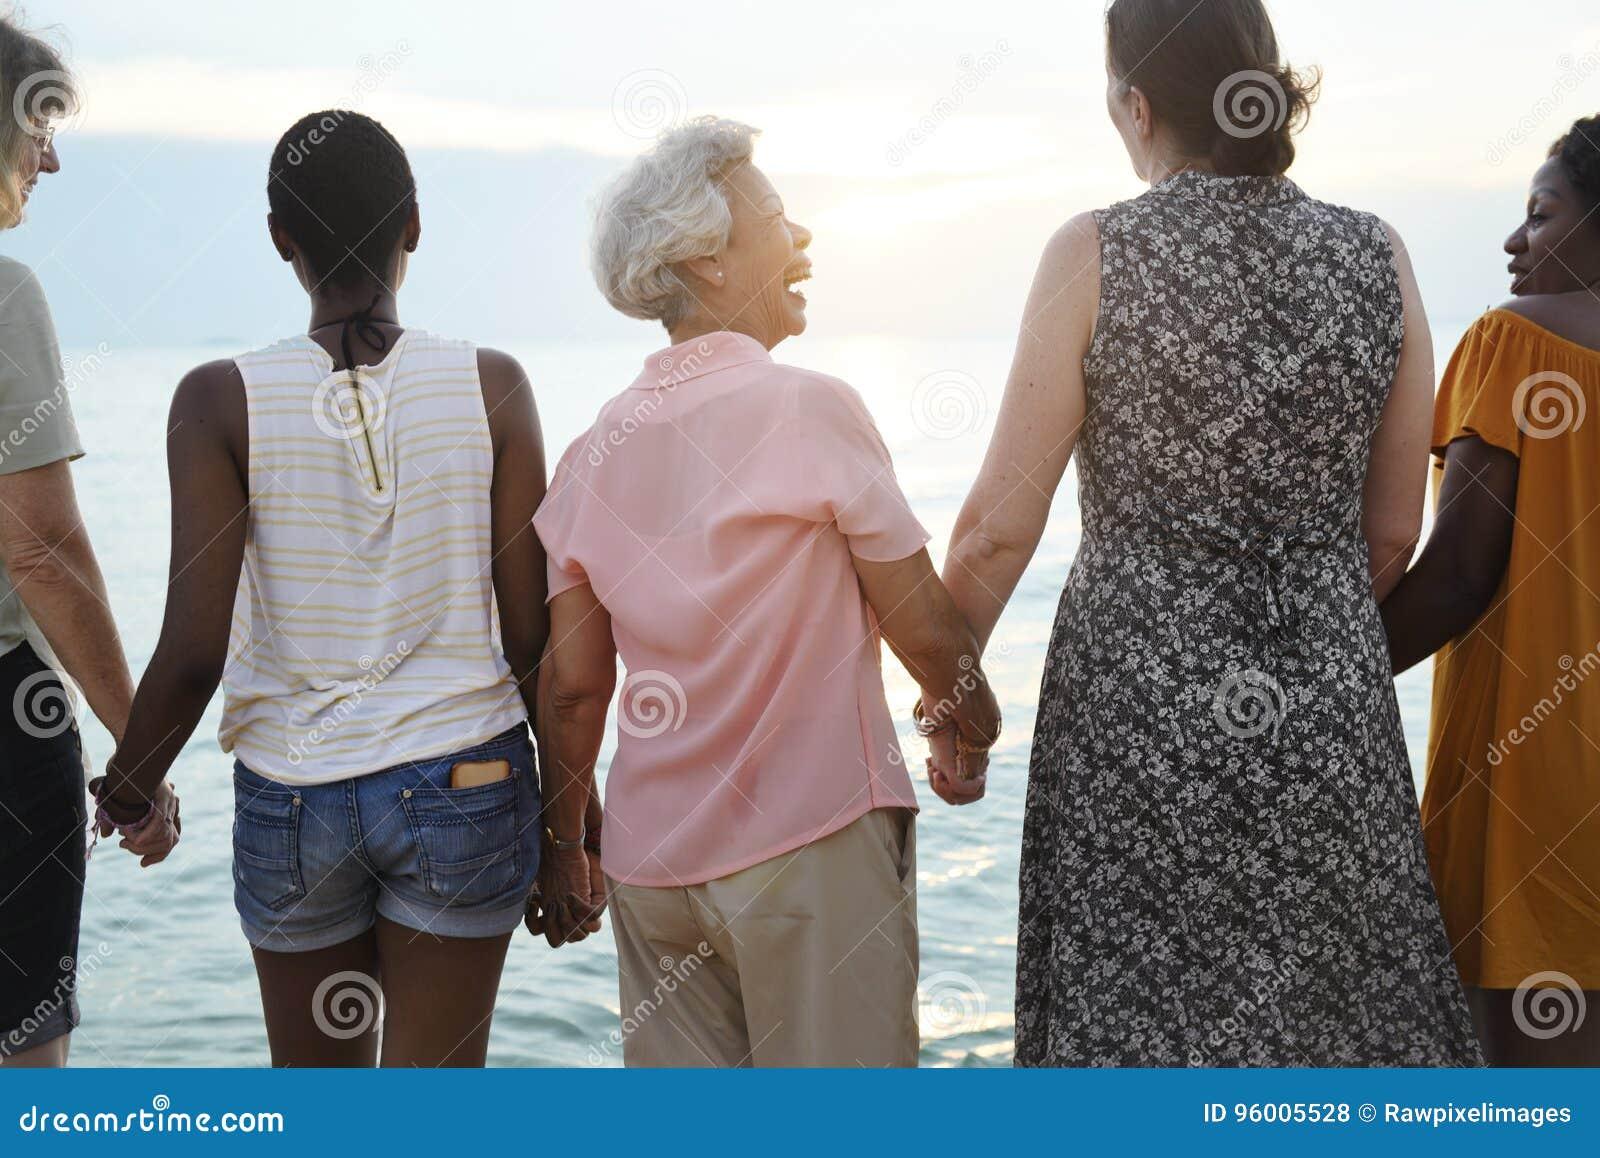 Retrovisione di diverse donne senior che si tengono per mano insieme al